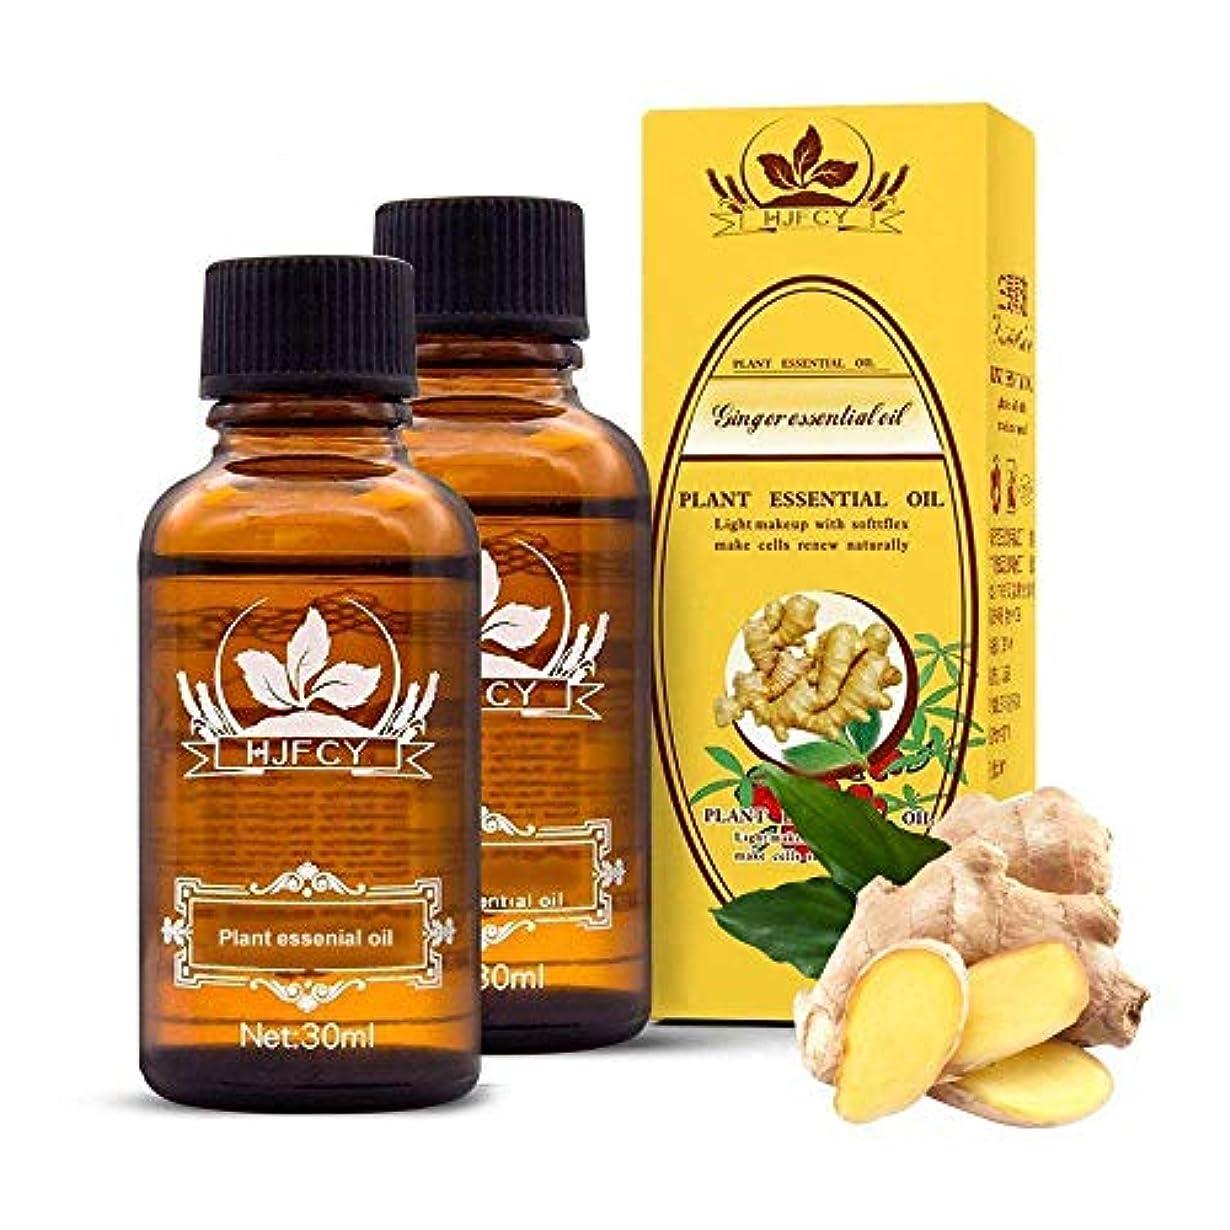 ジンジャーオイル、ジンジャーエッセンシャルオイル、マッサージオイル、植物エッセンシャルオイル、100%ピュアナチュラルジンジャーエッセンシャルオイル